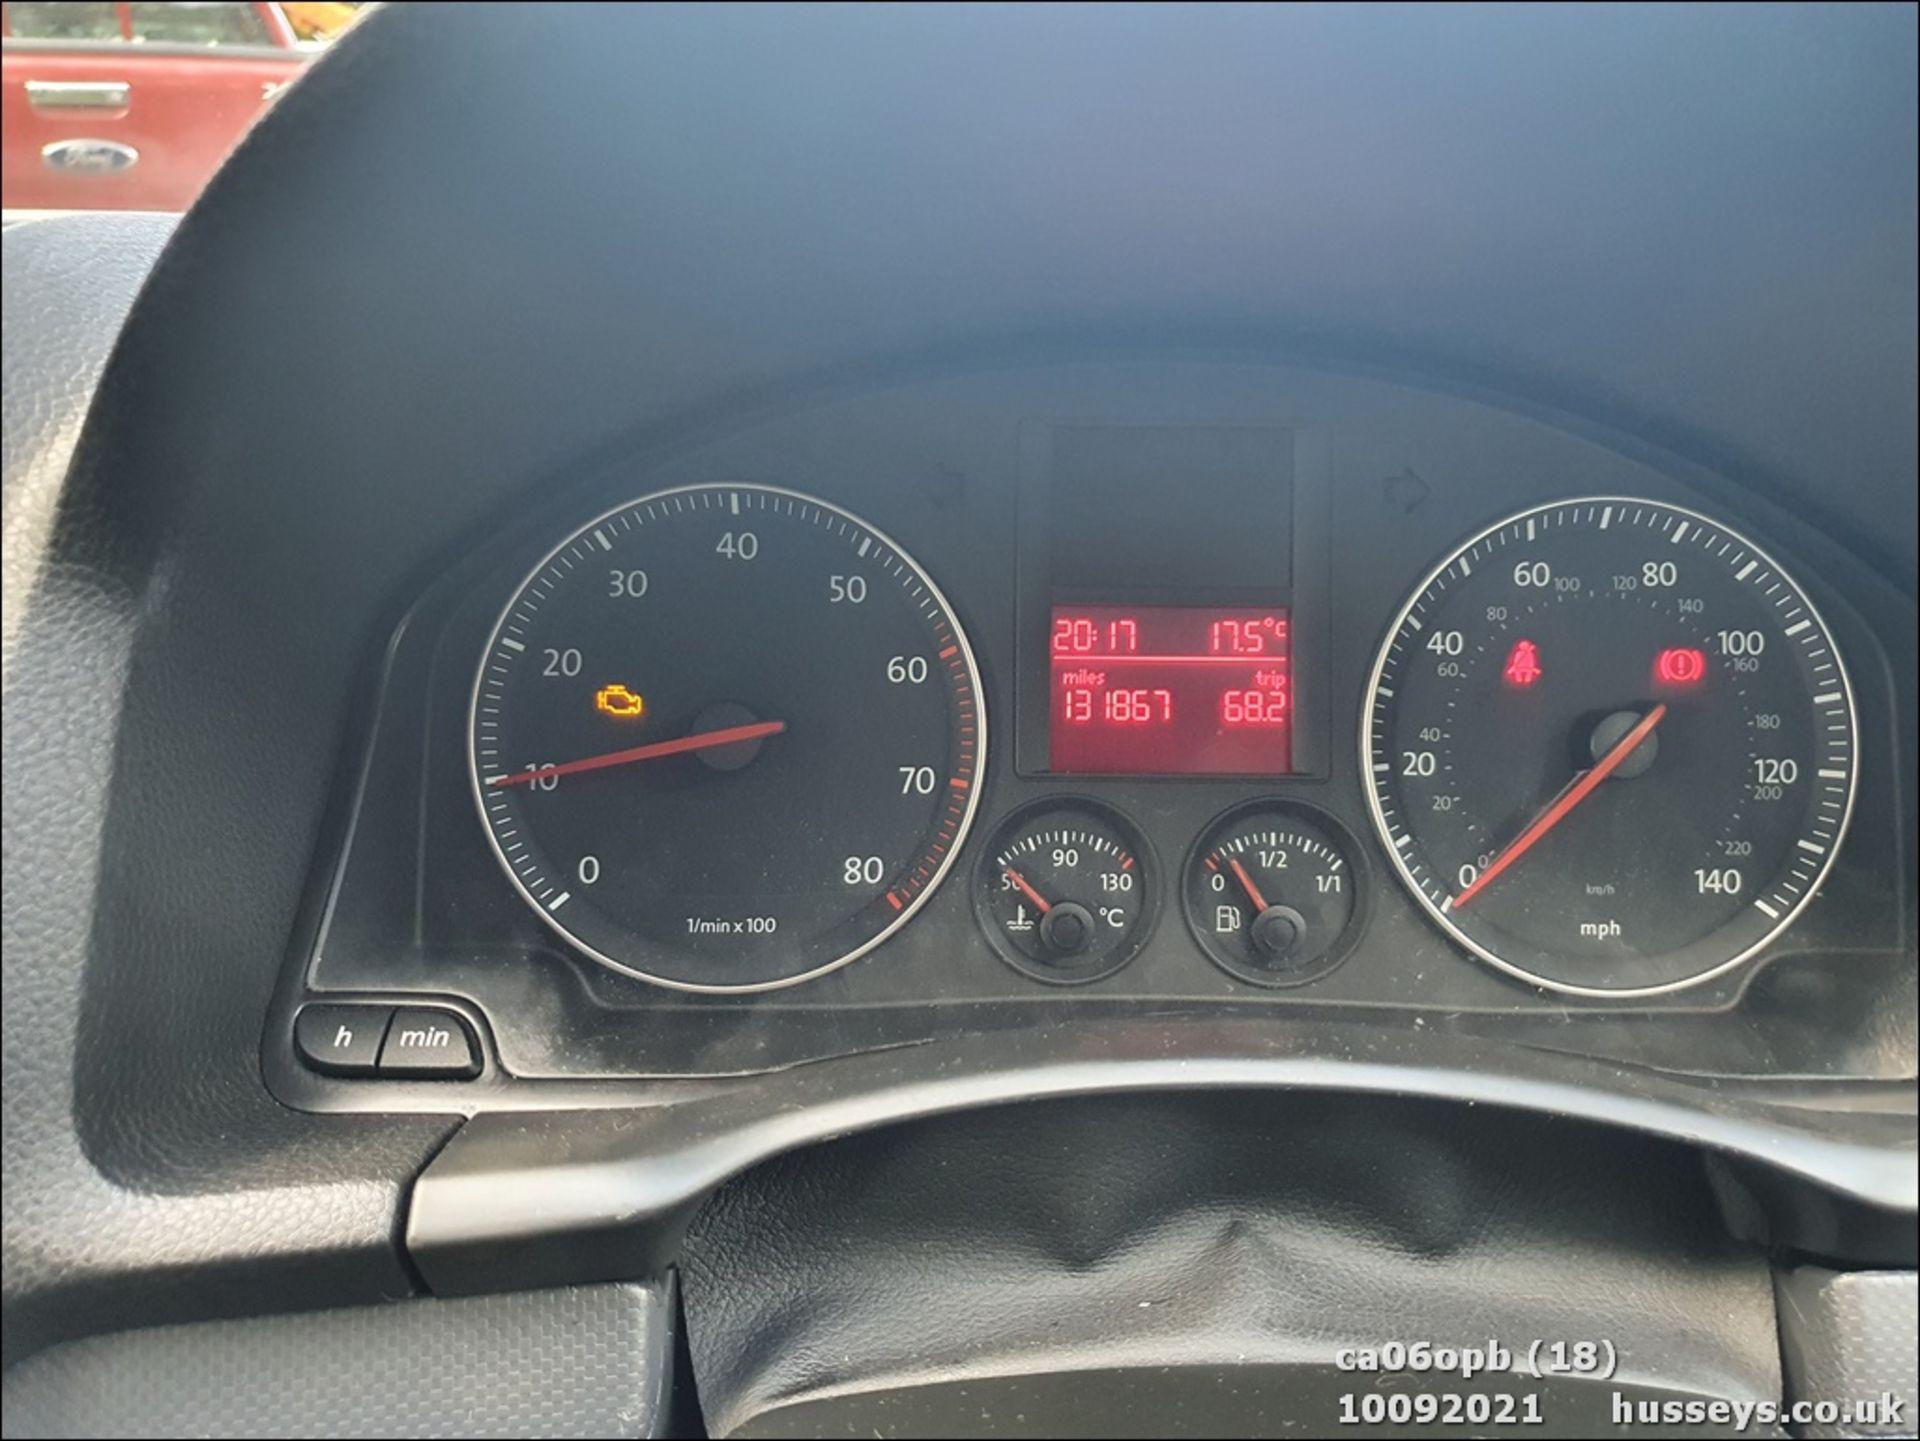 06/06 VOLKSWAGEN GOLF S - 1390cc 3dr Hatchback (Red, 131k) - Image 18 of 18